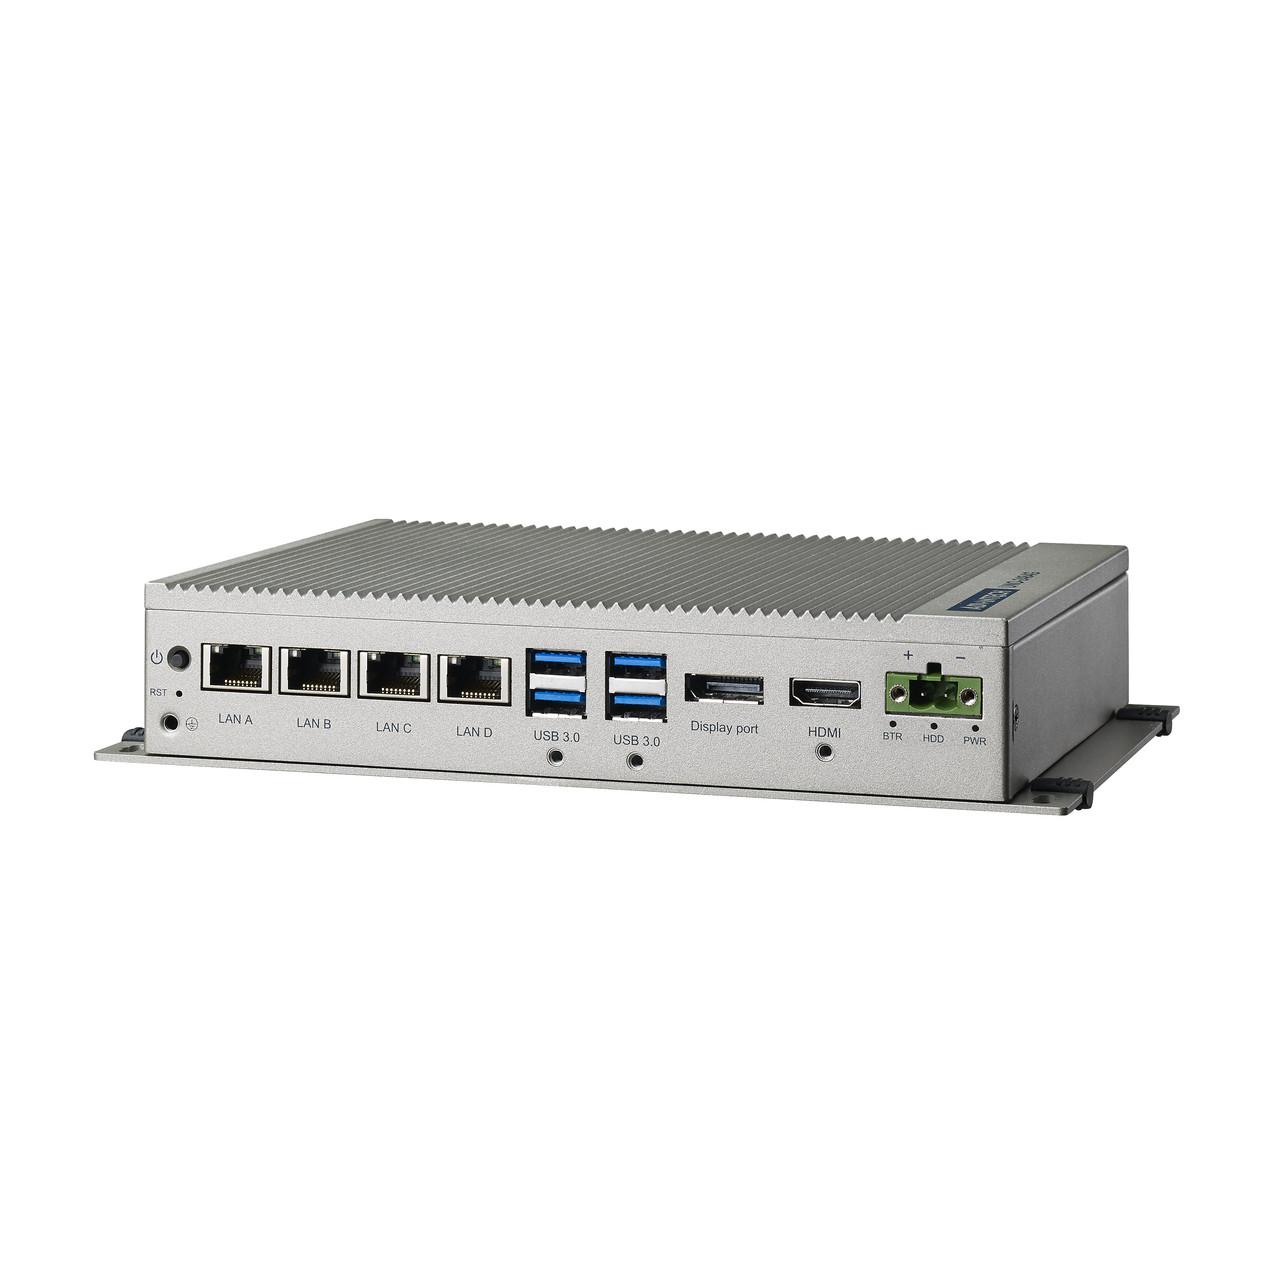 Промышленный компьютер Intel Core i5-6300U 2.4ГГц, 8ГБ DDR4, HDMI, DP, 4x LAN, 4x COM, 4x USB3.0, 1 x mPCIe